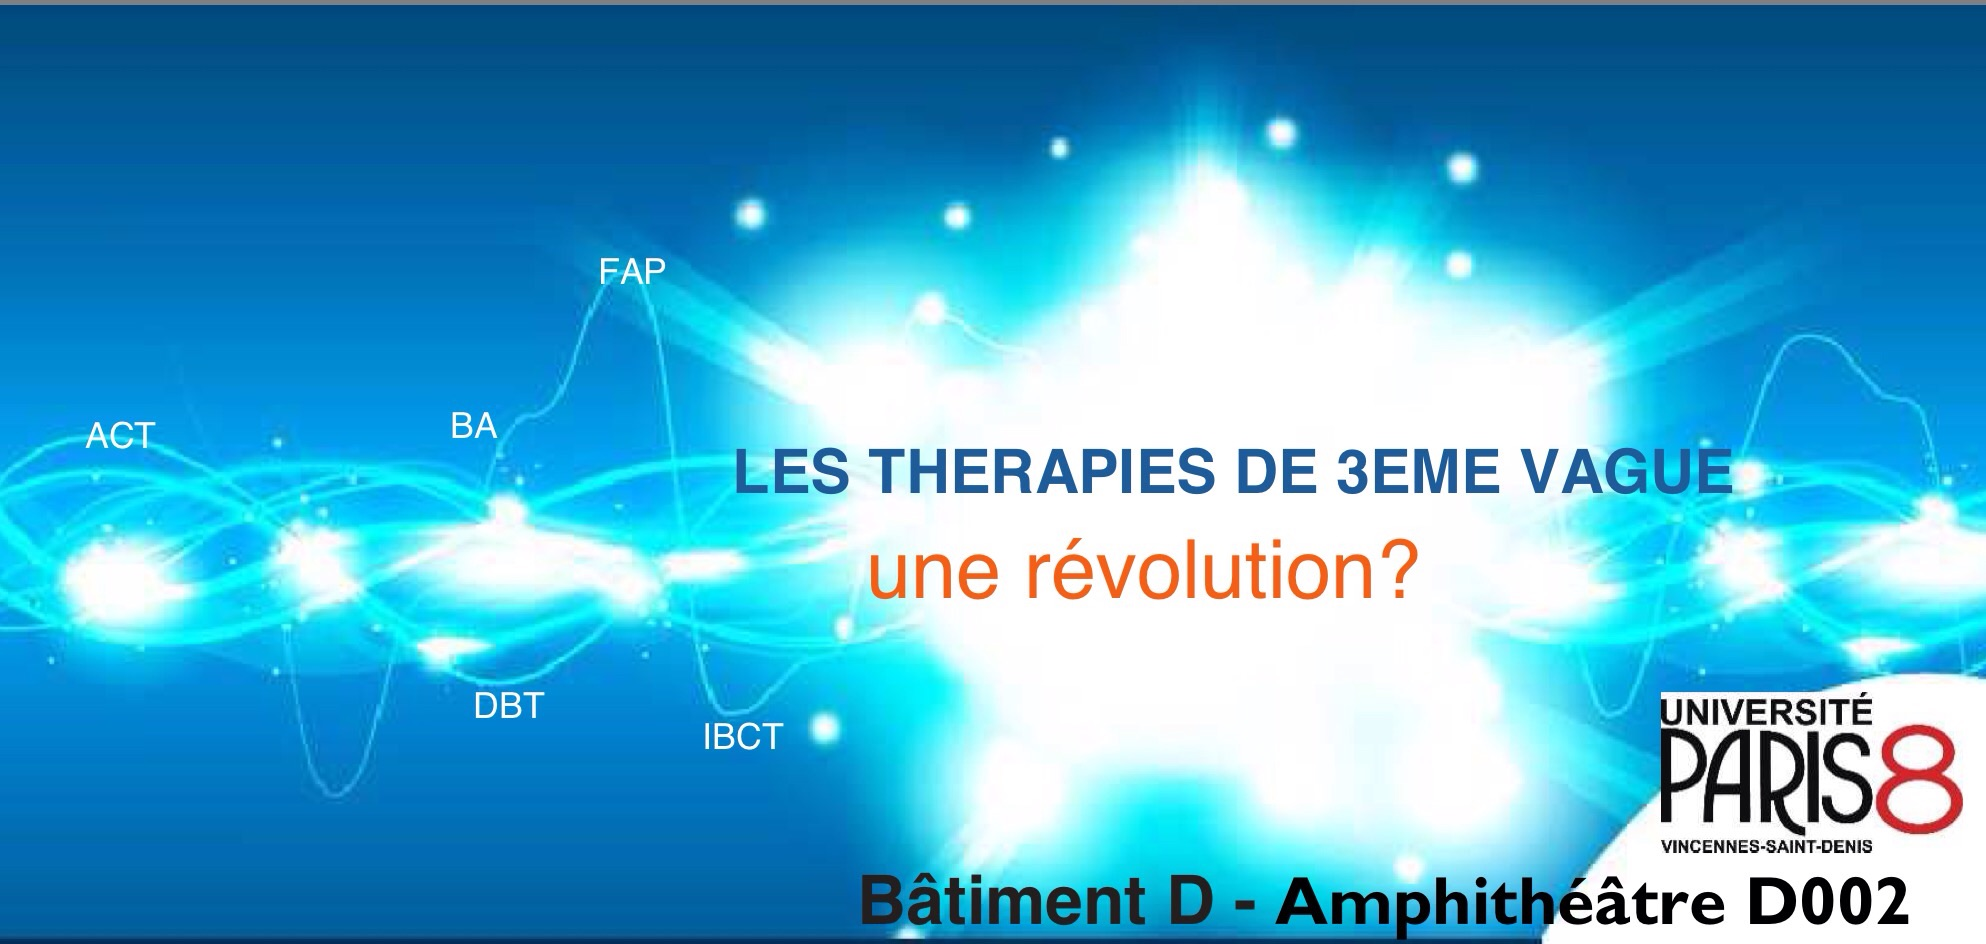 Colloque-therapies-3eme-vague